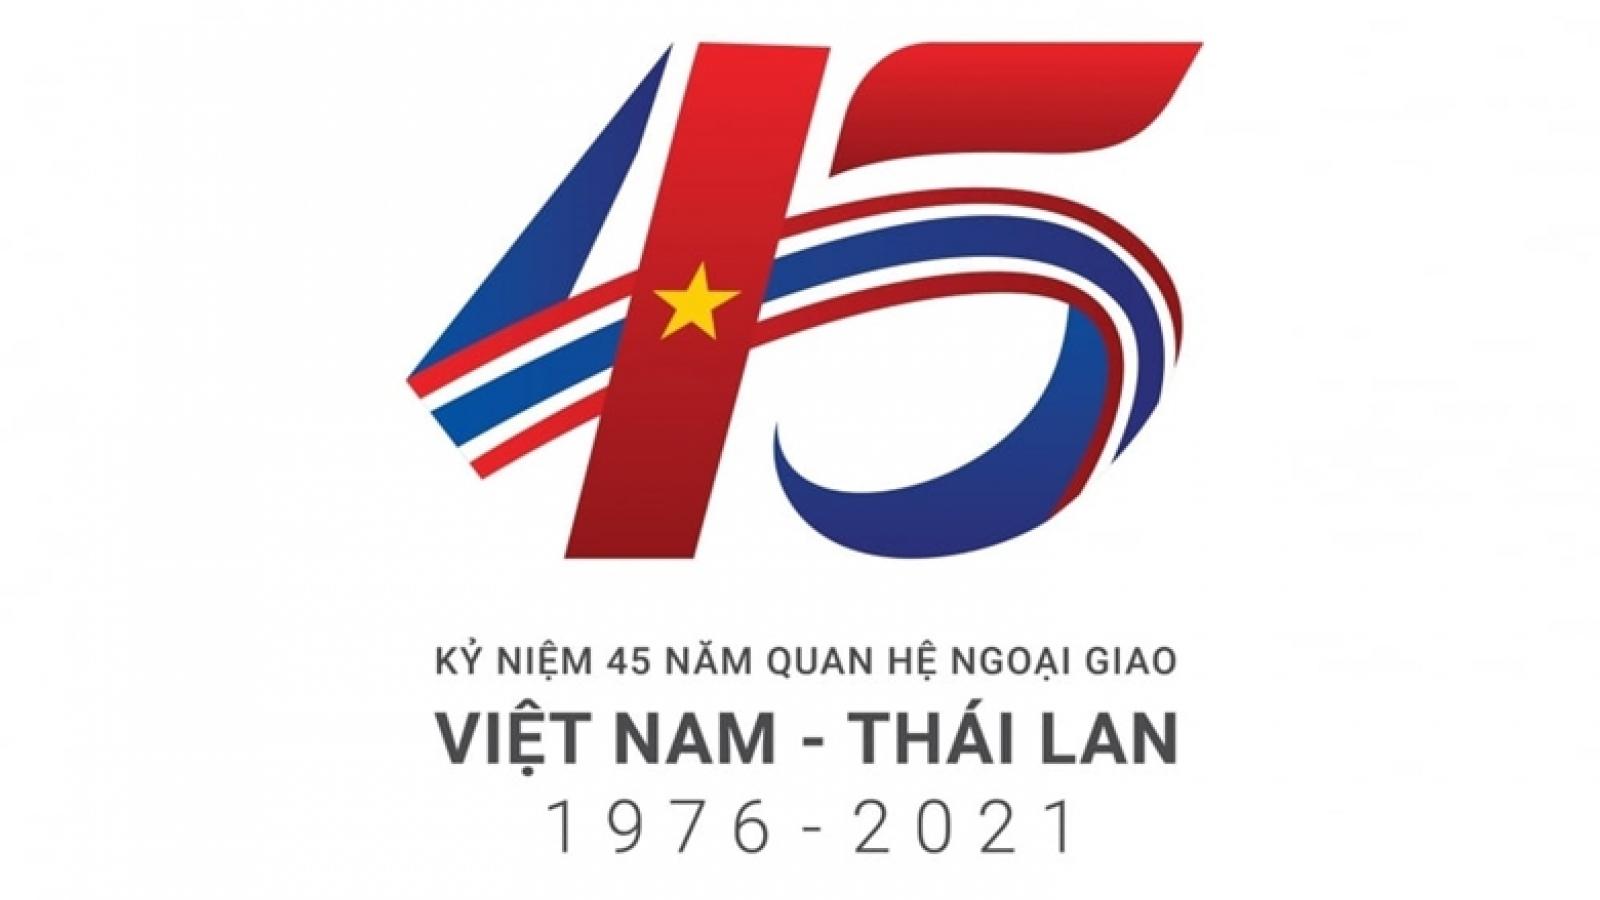 Điện mừng 45 năm quan hệ ngoại giao Việt Nam - Thái Lan